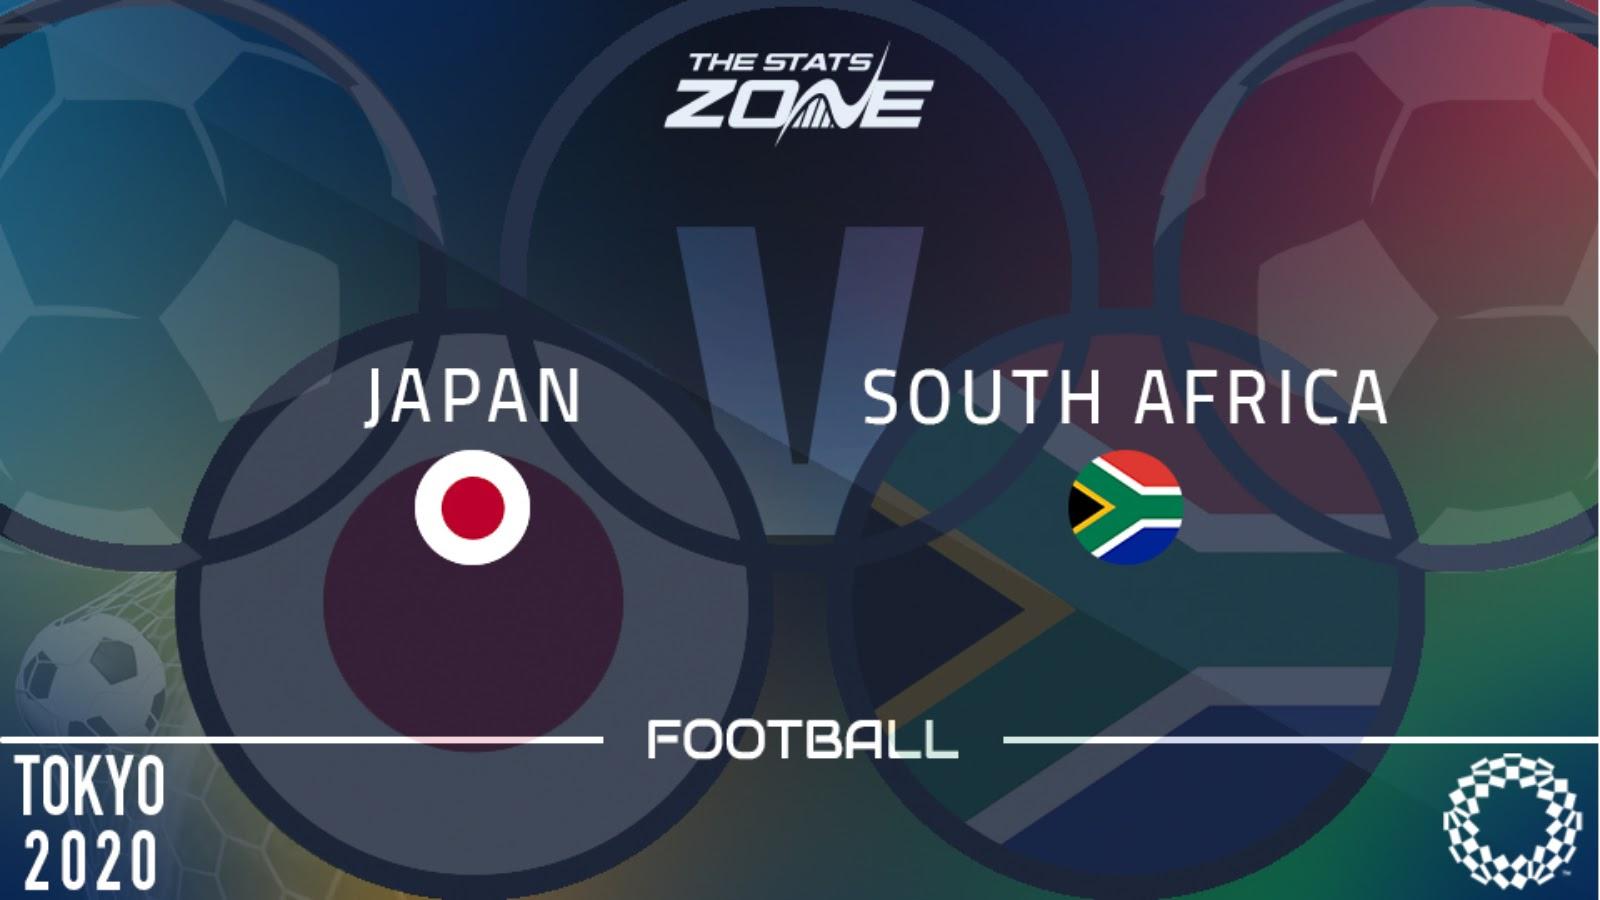 วิเคราะห์บอล โอลิมปิก 2020 - รอบแบ่งกลุ่ม กลุ่ม เอ ญี่ปุ่น U23 vs แอฟริกาใต้ U23 เวลา 18.00 น.